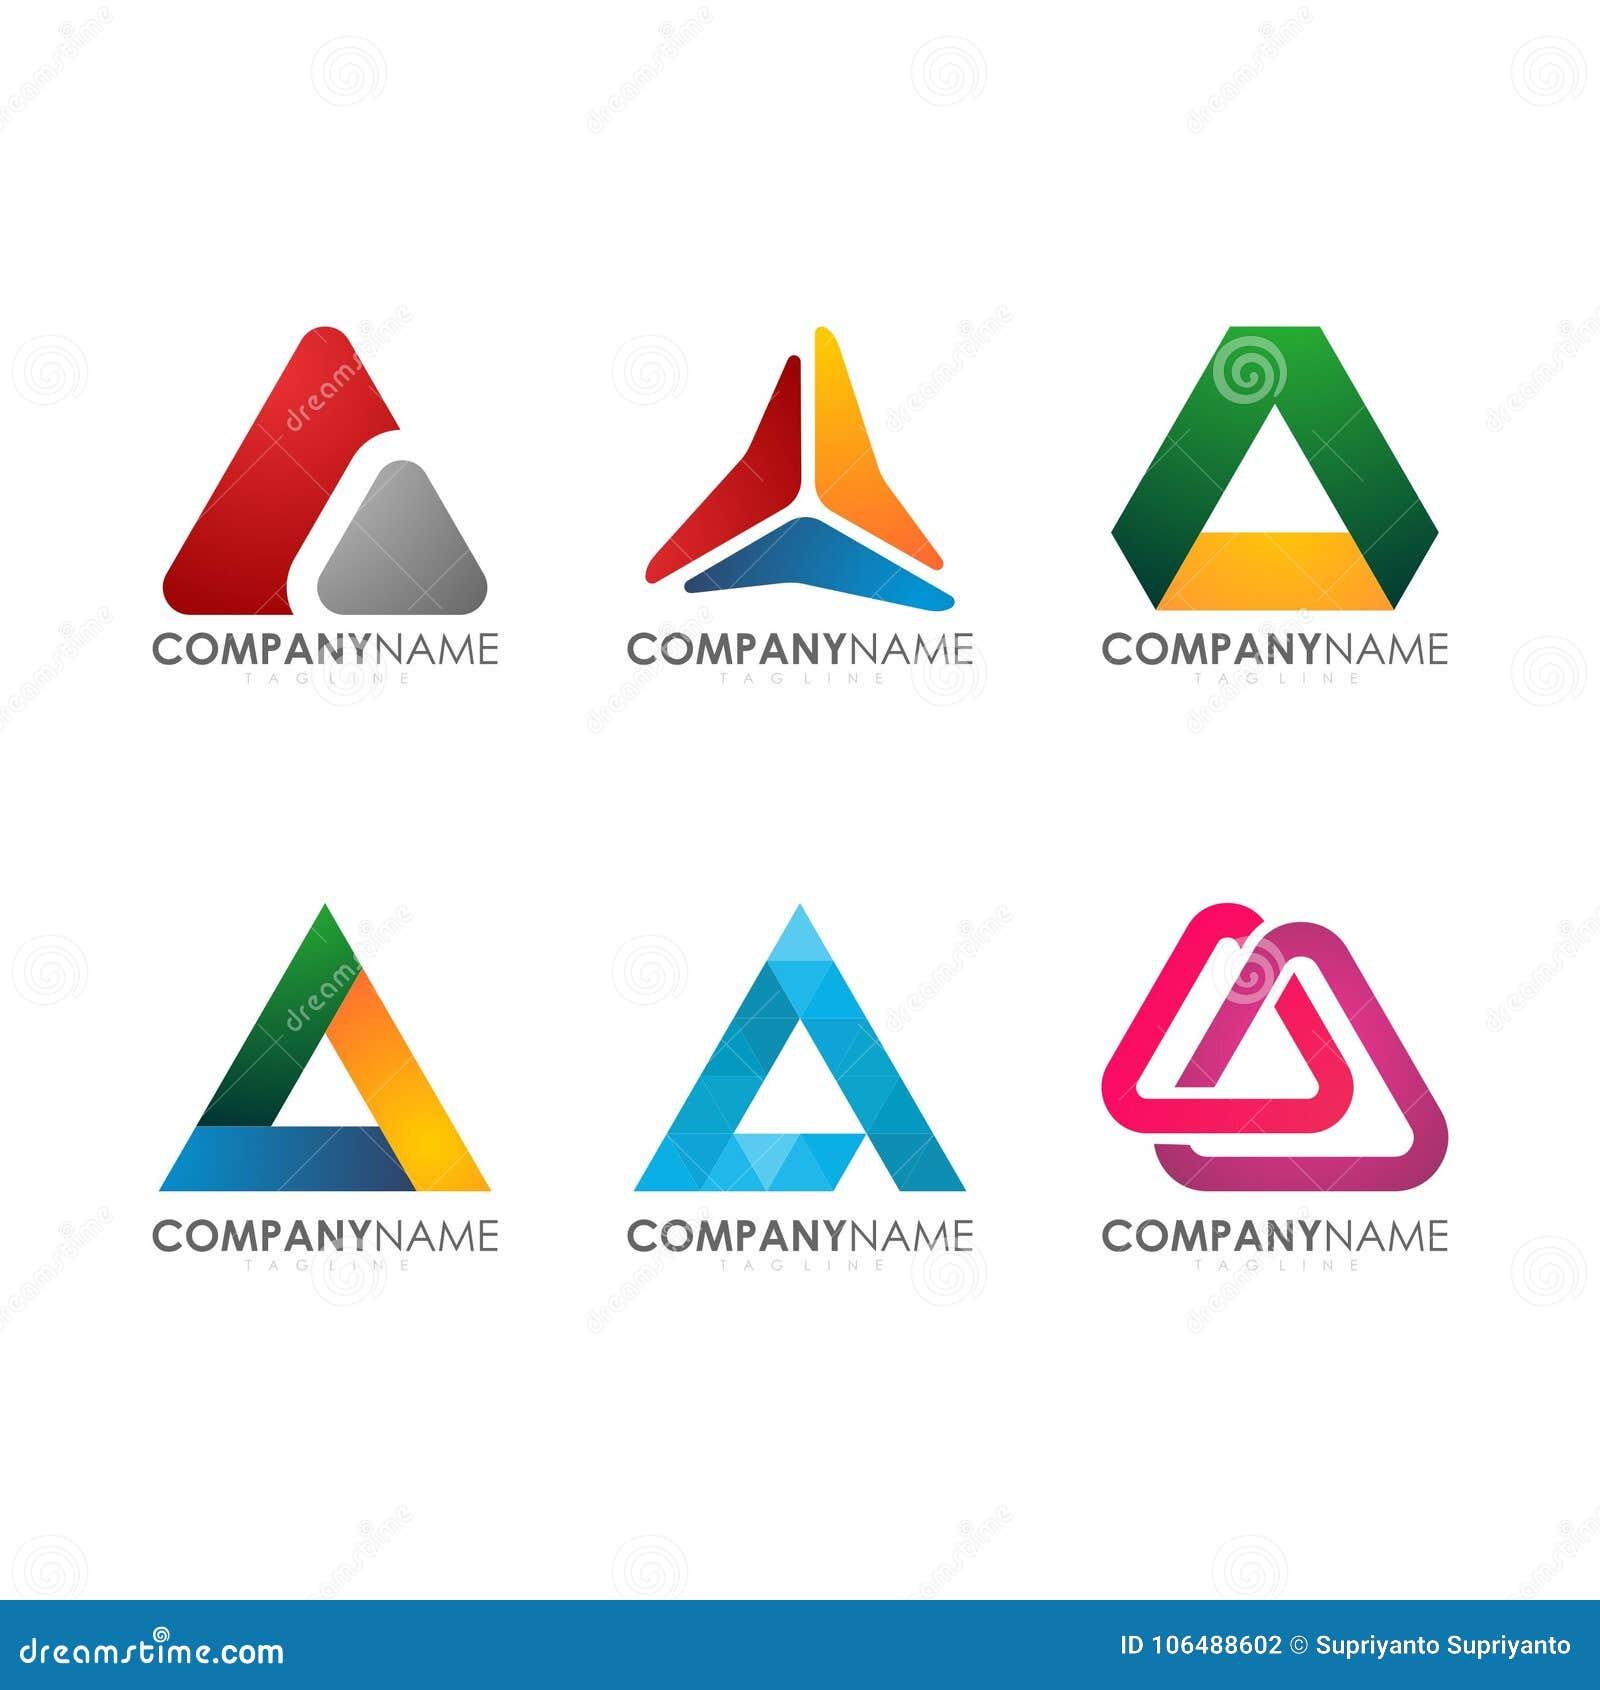 Moderno para da tecnologia industrial da construção da empresa o triângulo colorido Logo Set